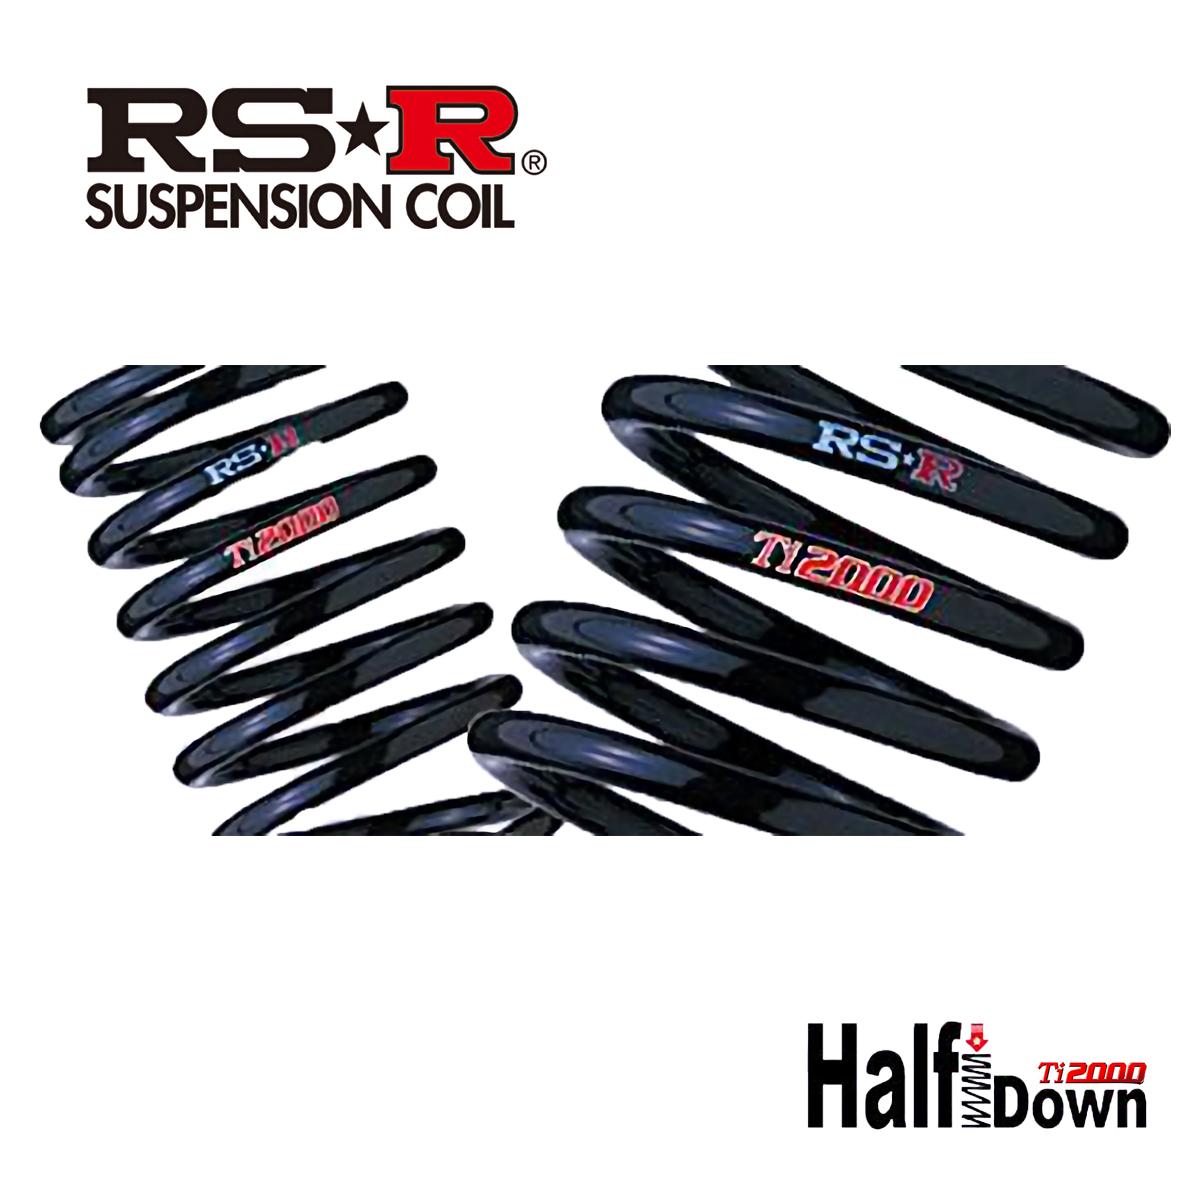 RS-R グランエース GDH303W プレミアム ダウンサス スプリング リア T806THDR Ti2000 ハーフダウン RSR 個人宅発送追金有